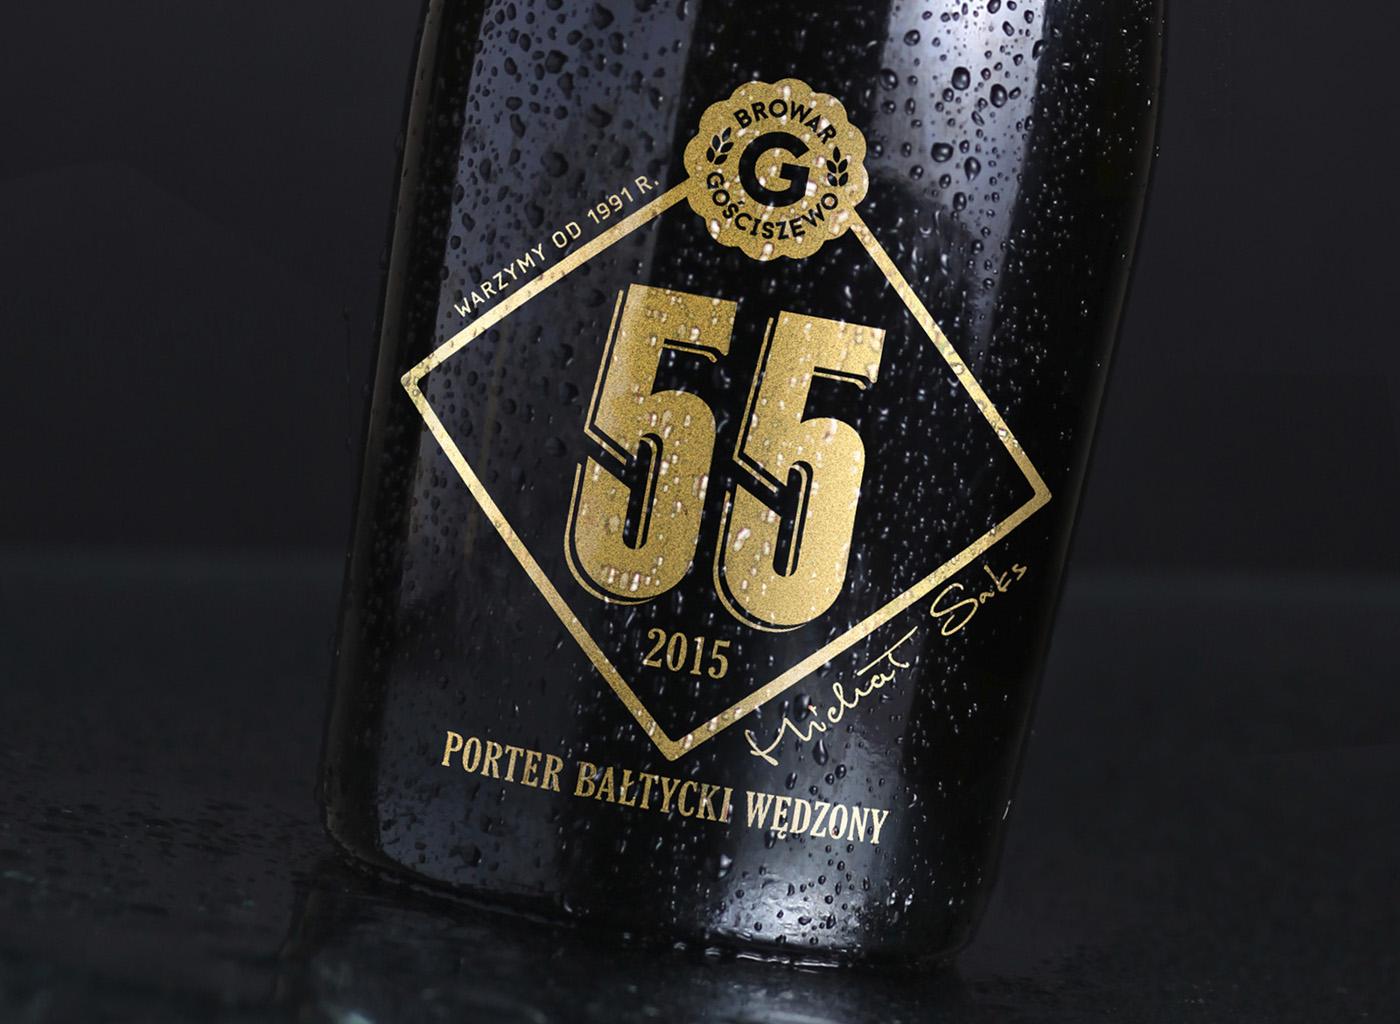 Gościszewo Brewery – birthday